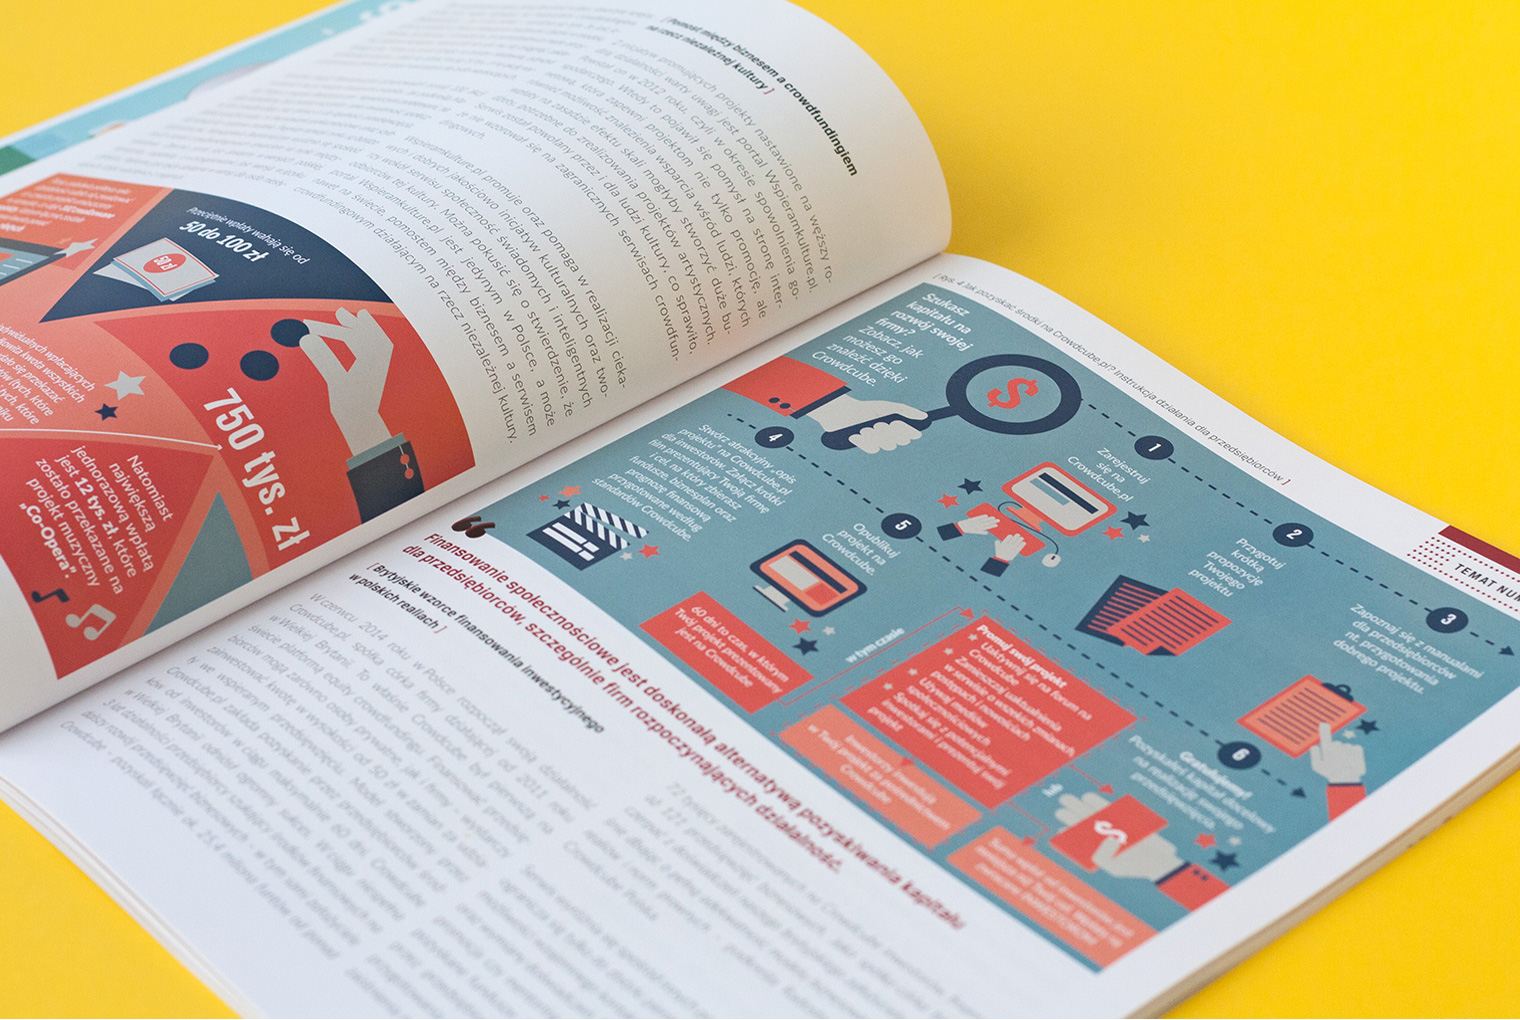 For Comarch we took care of  Nowoczesne Zarządzanie magazine